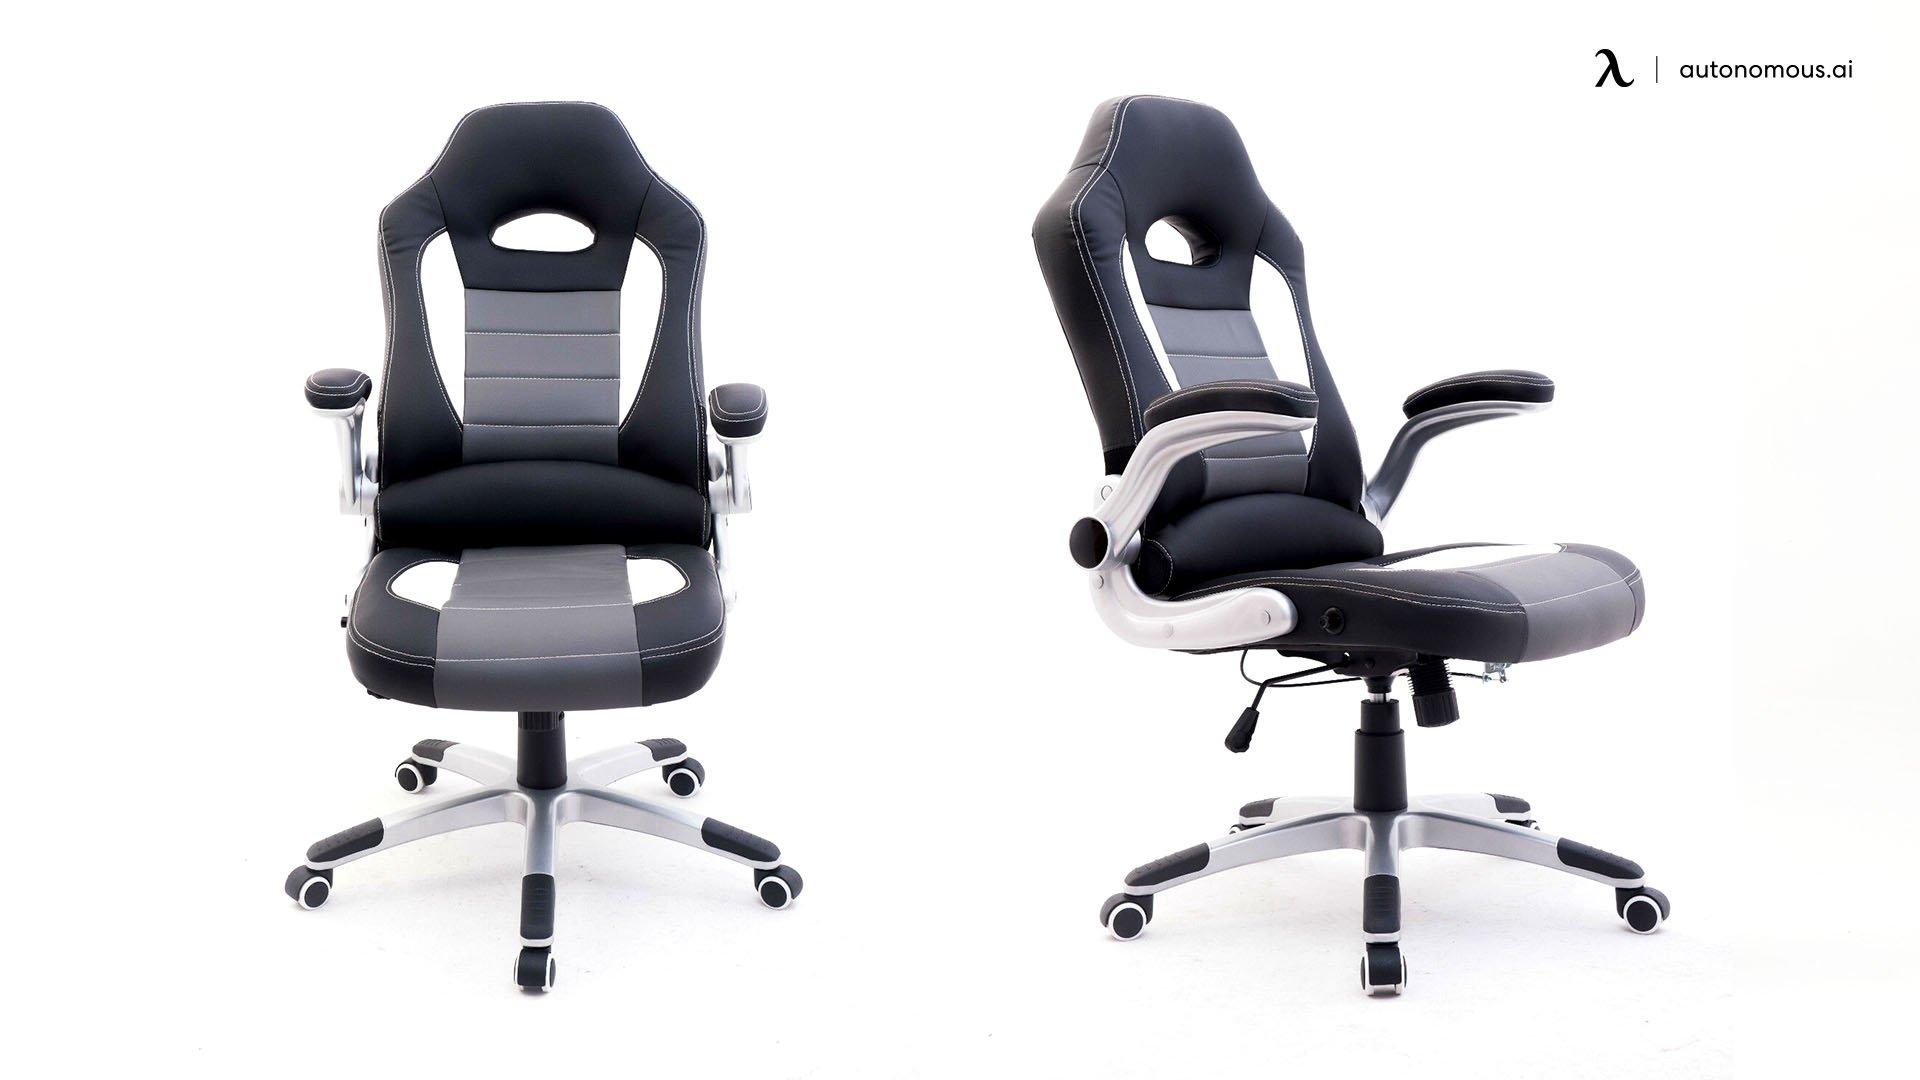 RayGar supreme racing gaming chair